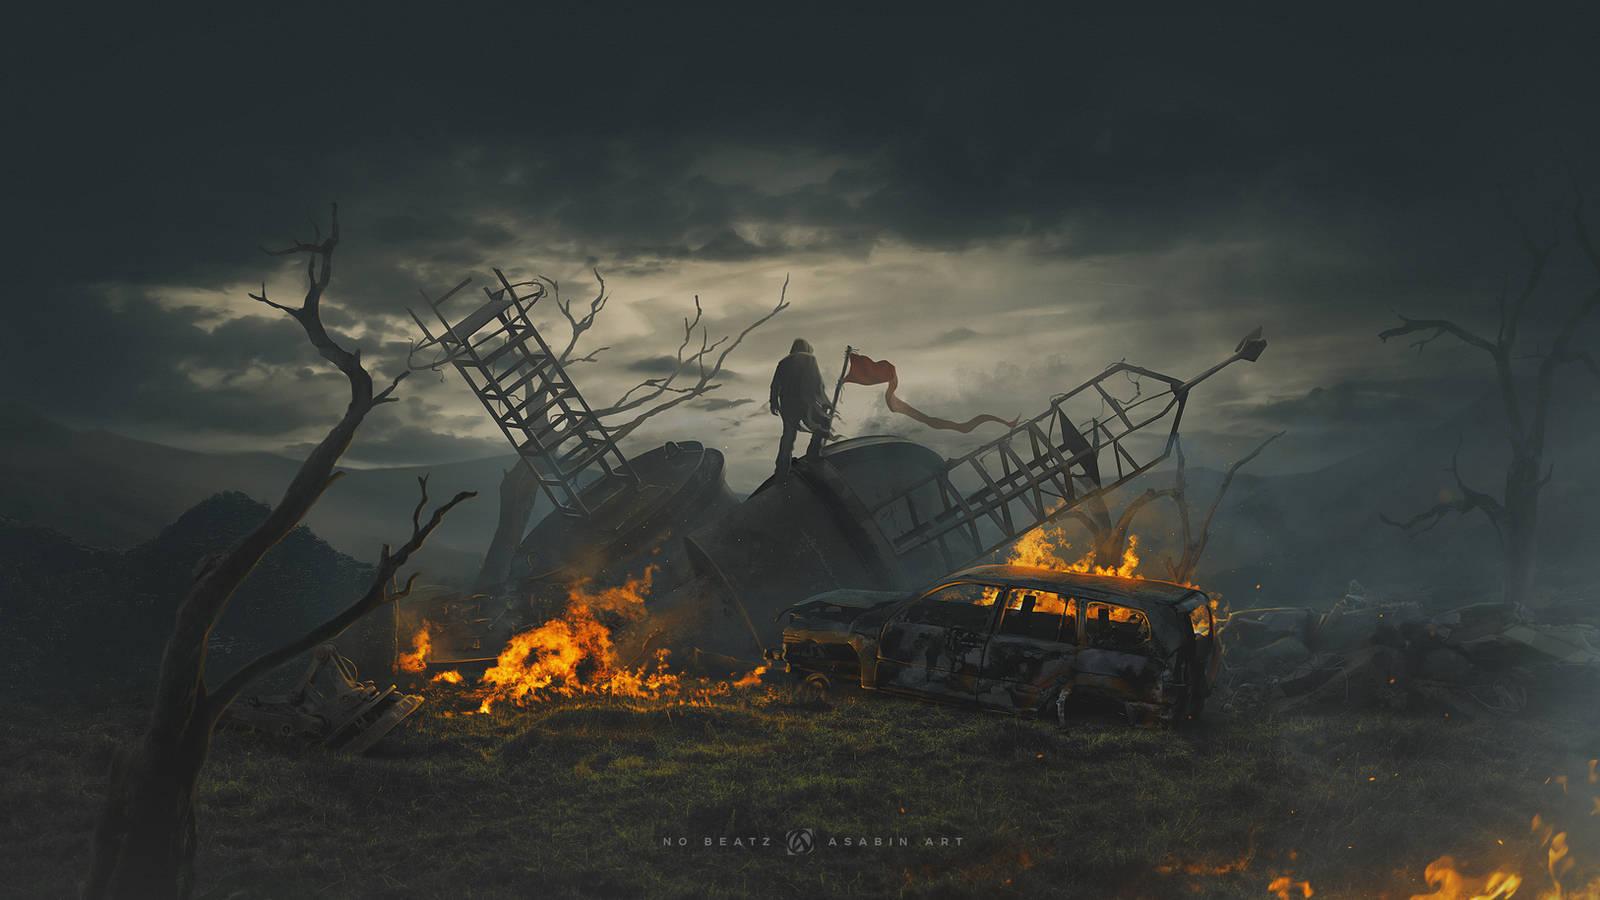 The last frontier / 4k / Speed art video by maxasabin